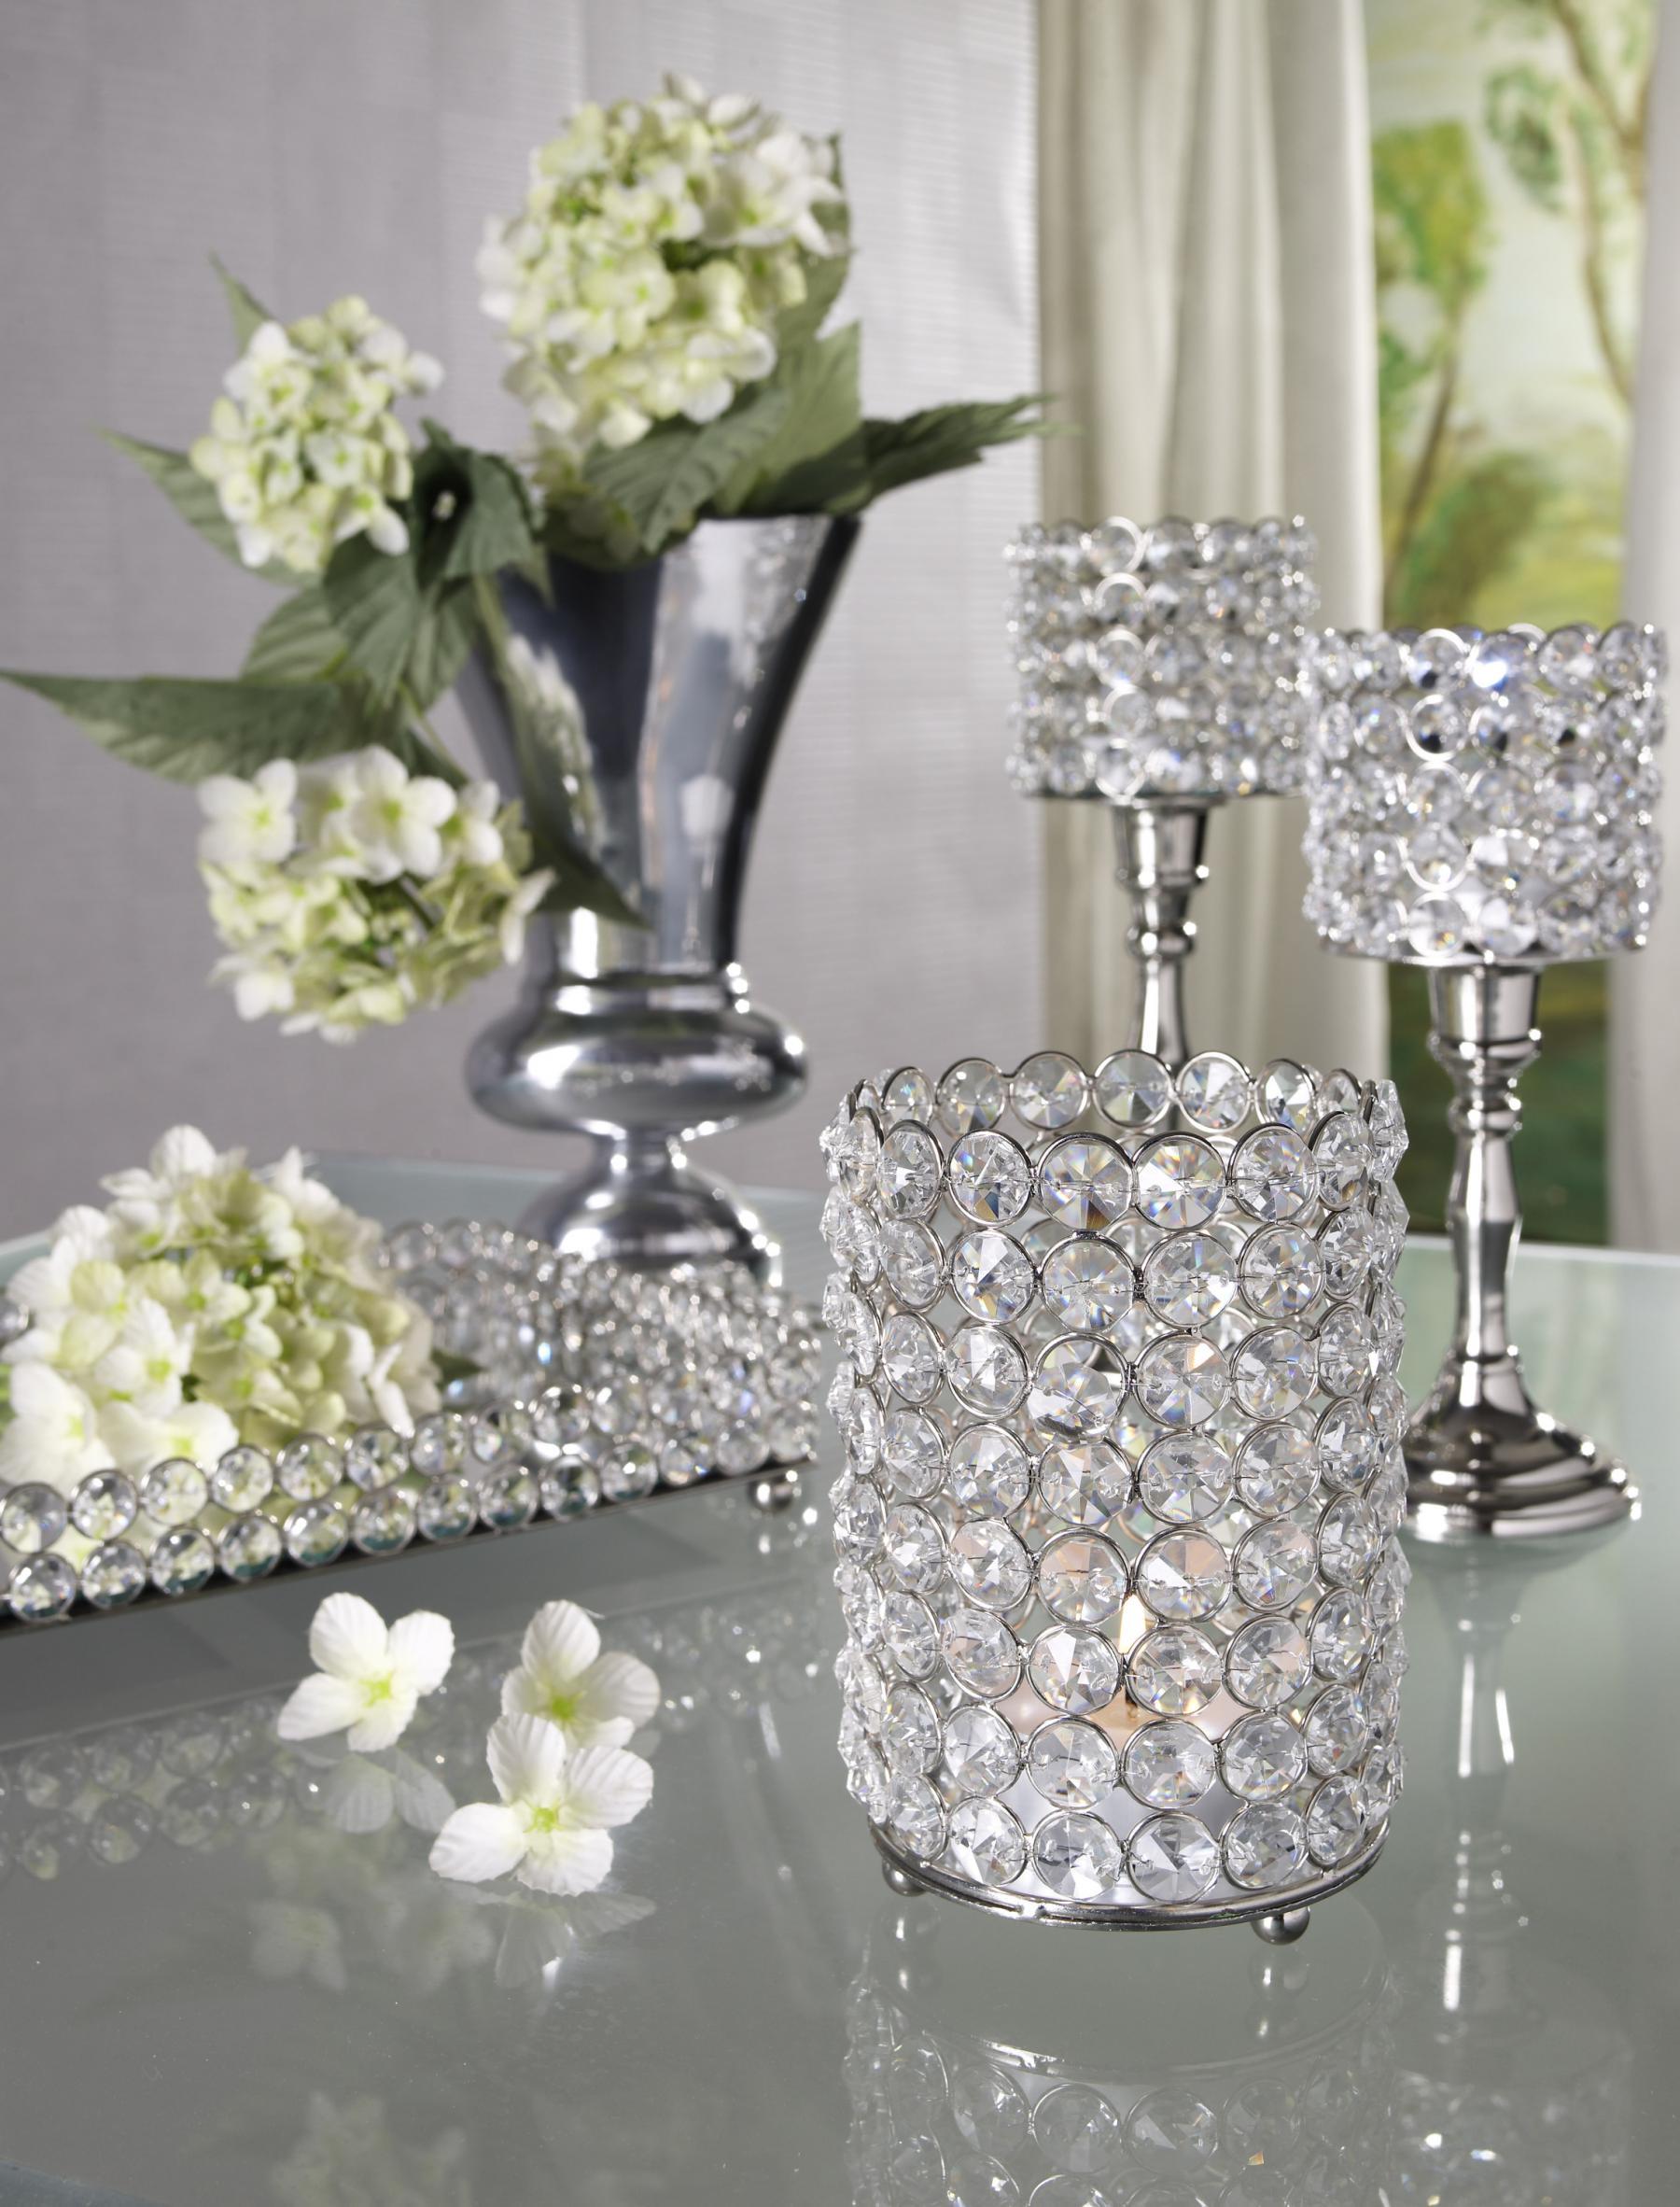 Kristall kerzenst nder lucy silber aluminium und glaskristalle teelichthalter kerzenhalter - Tischdeko silber ...